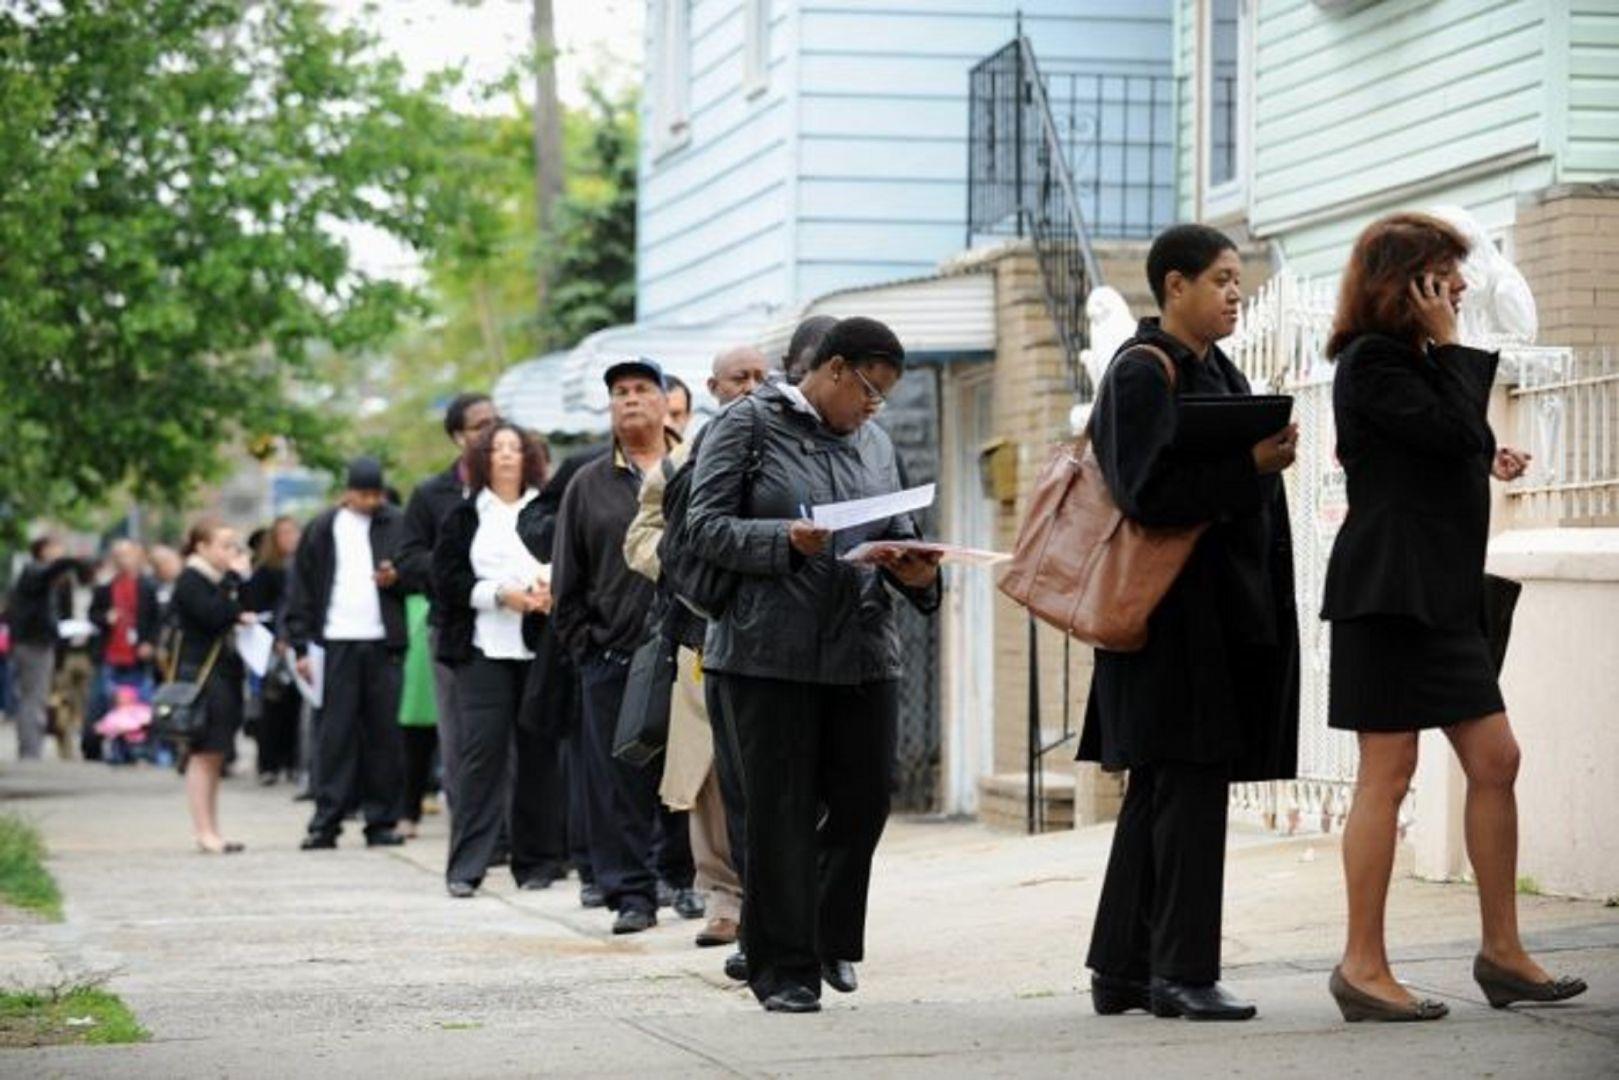 ВСтавропольском крае уровень безработицы составил приблизительно 0,8%